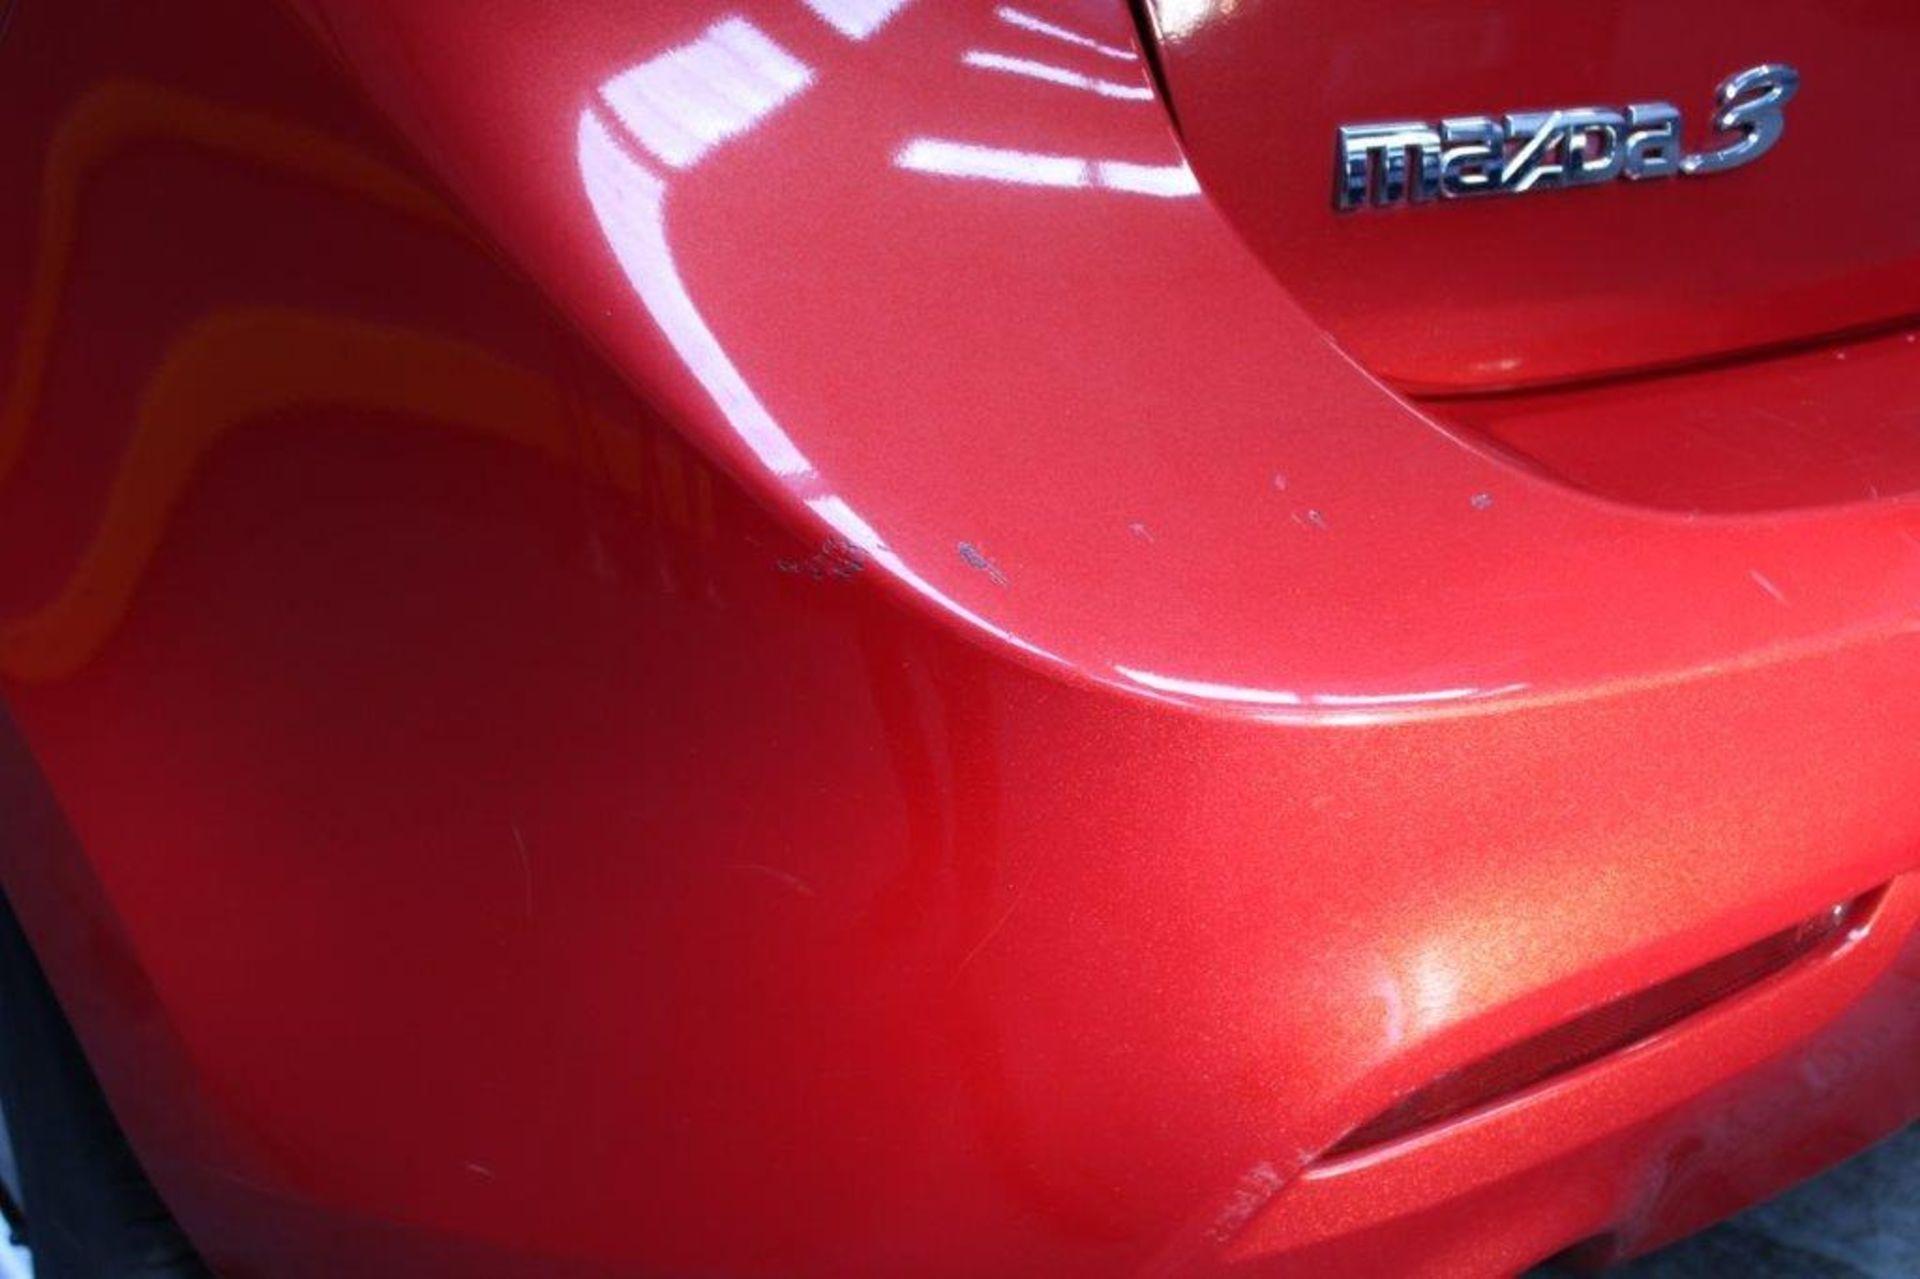 60 11 Mazda 3 Sport - Image 12 of 26